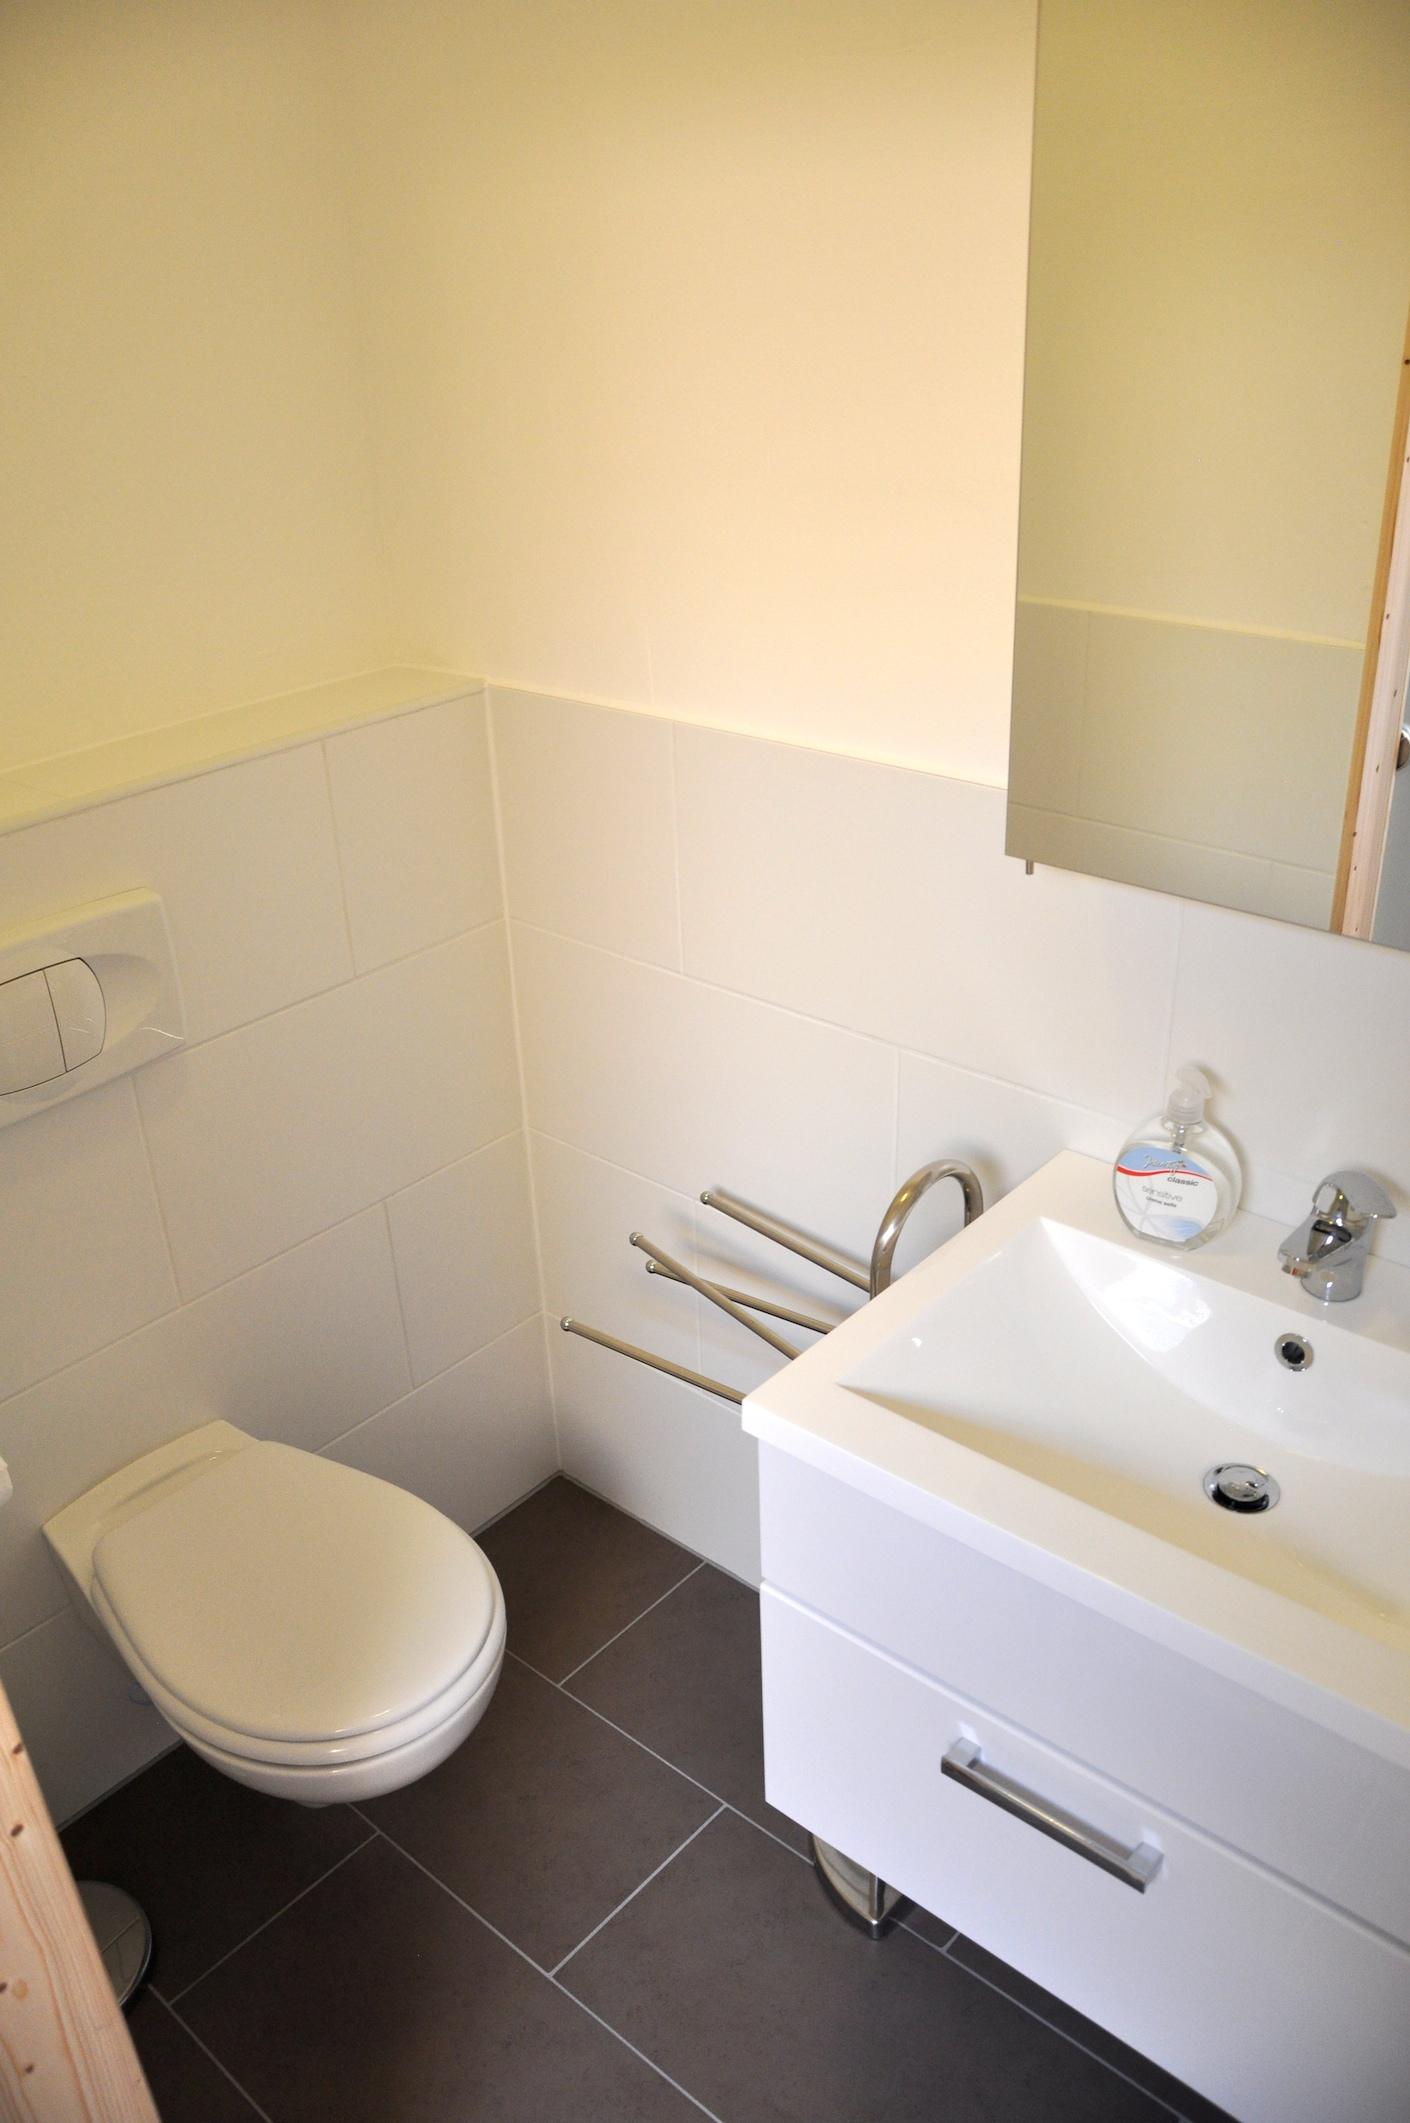 Ensuite badezimmer mit zweite toilette und waschbecken